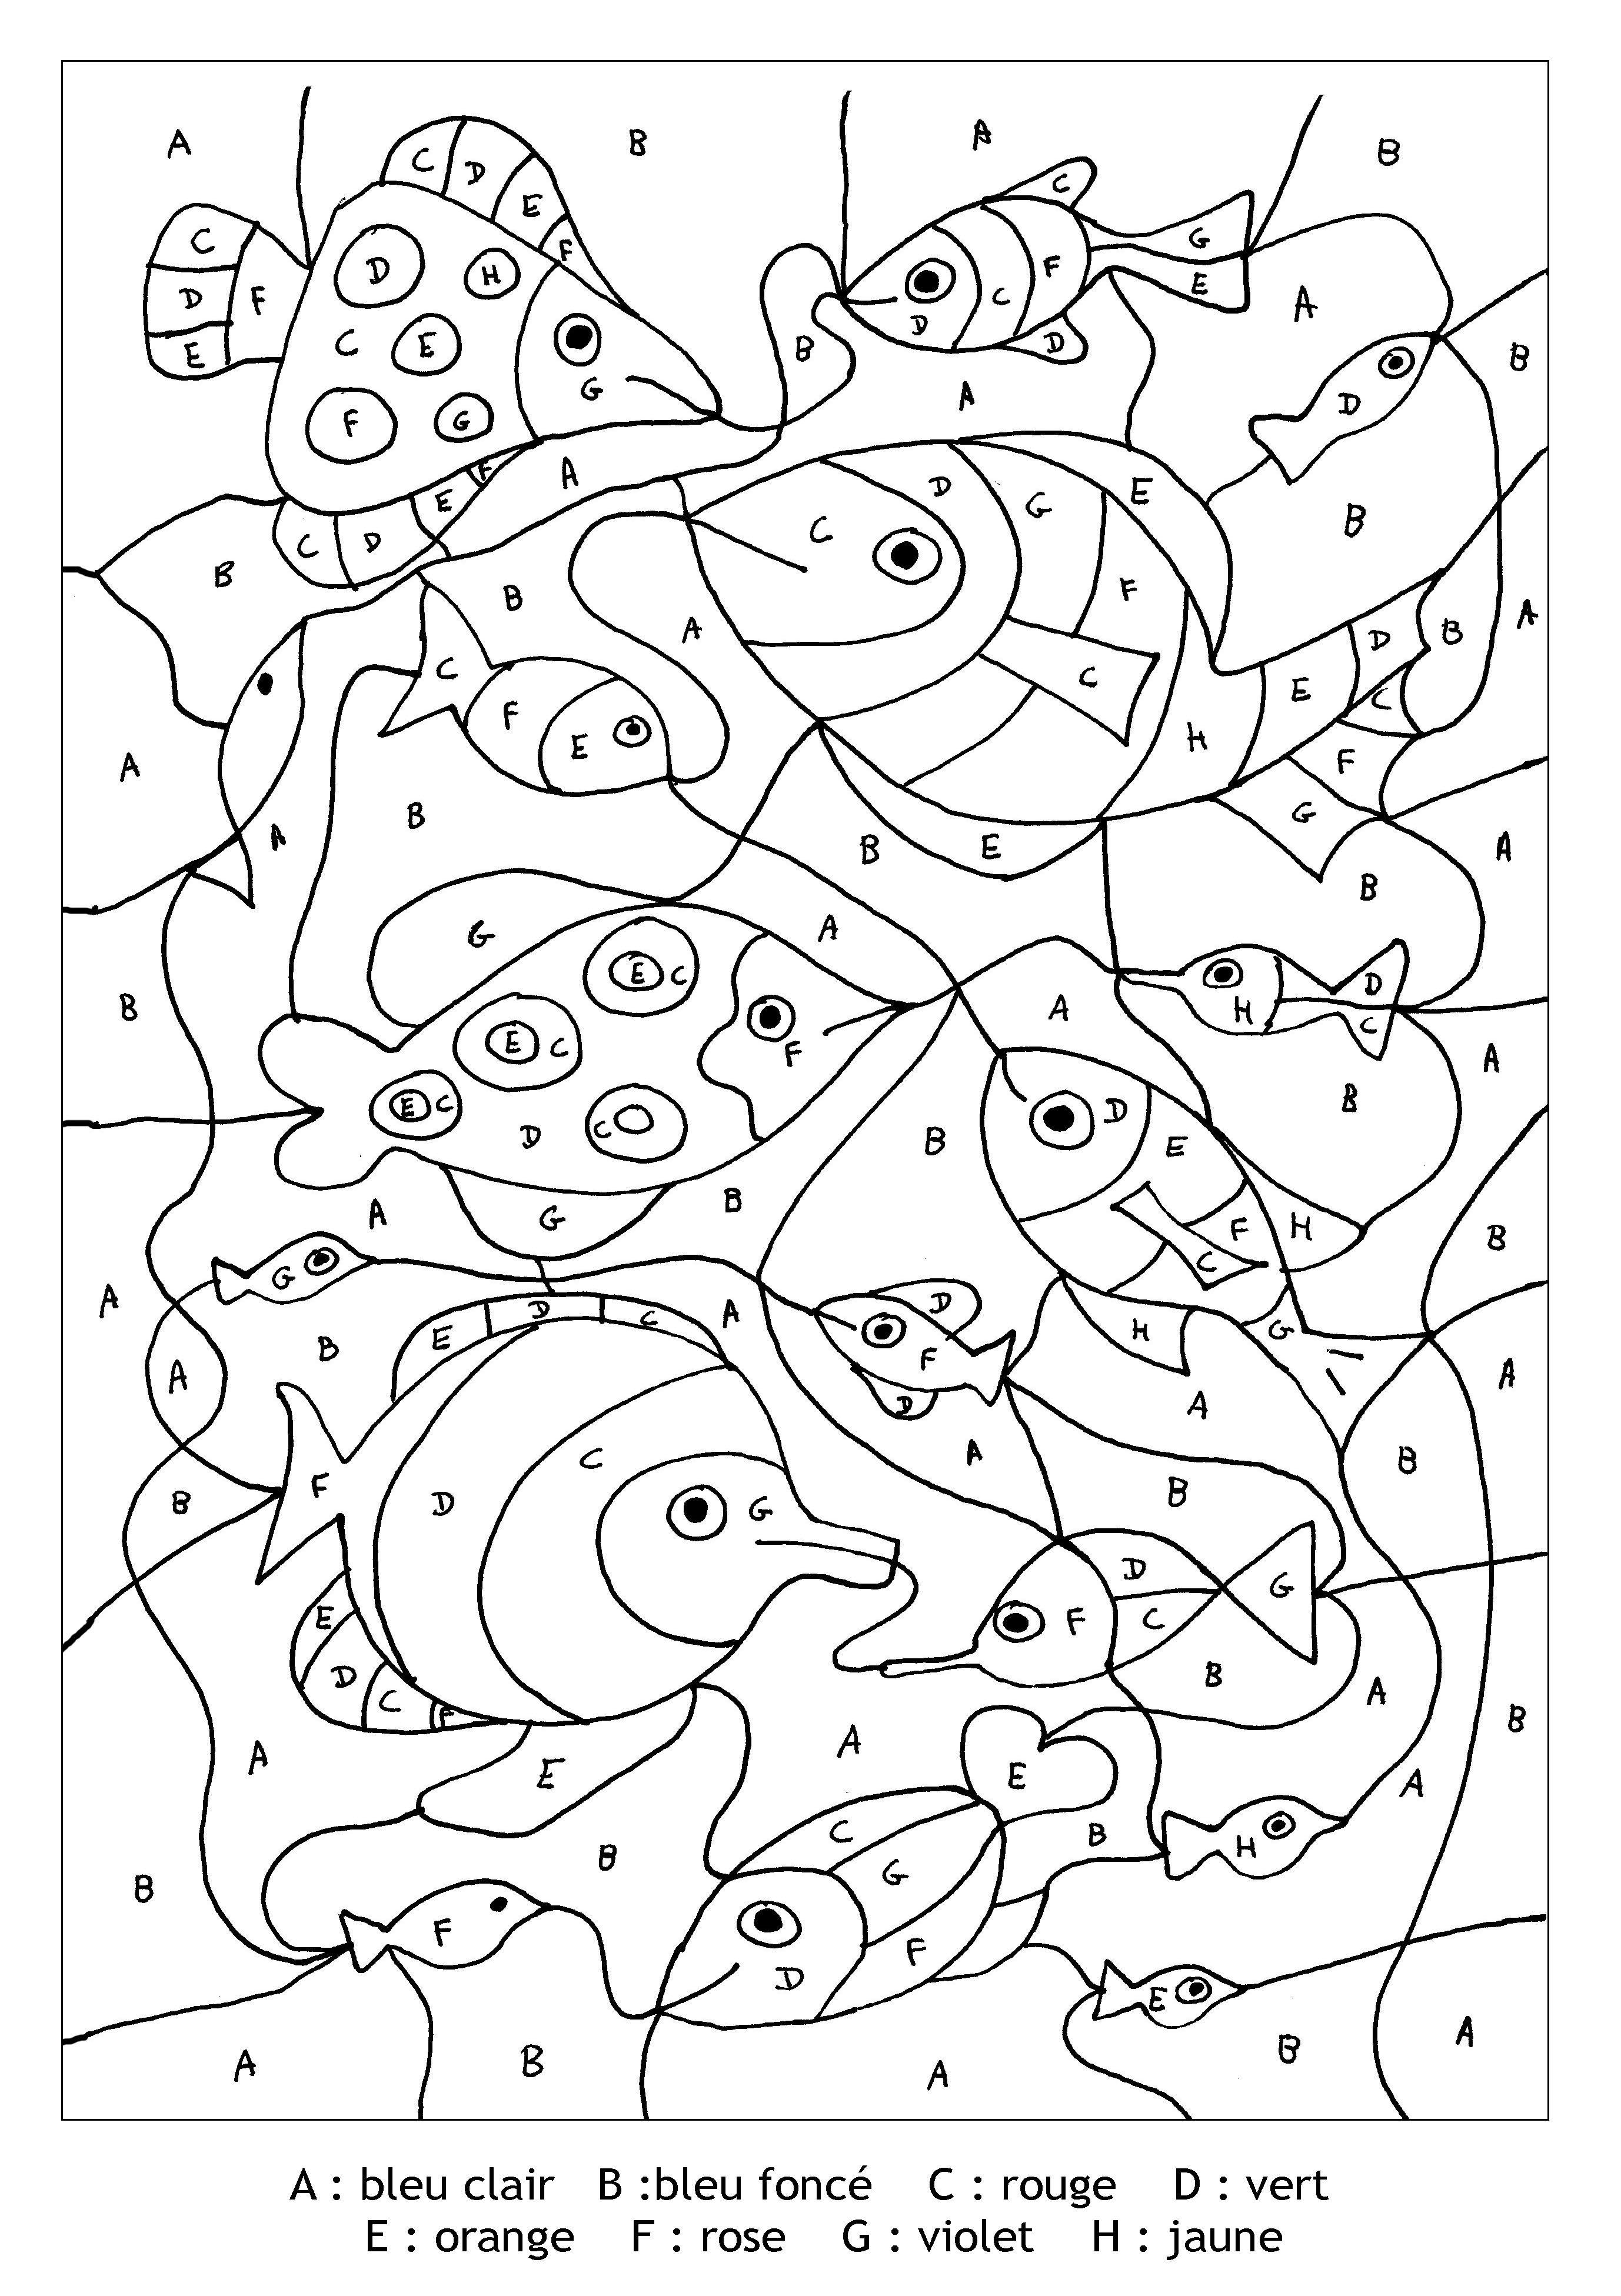 Pour imprimer ce coloriage gratuit coloriage magique - Coloriage a code ...